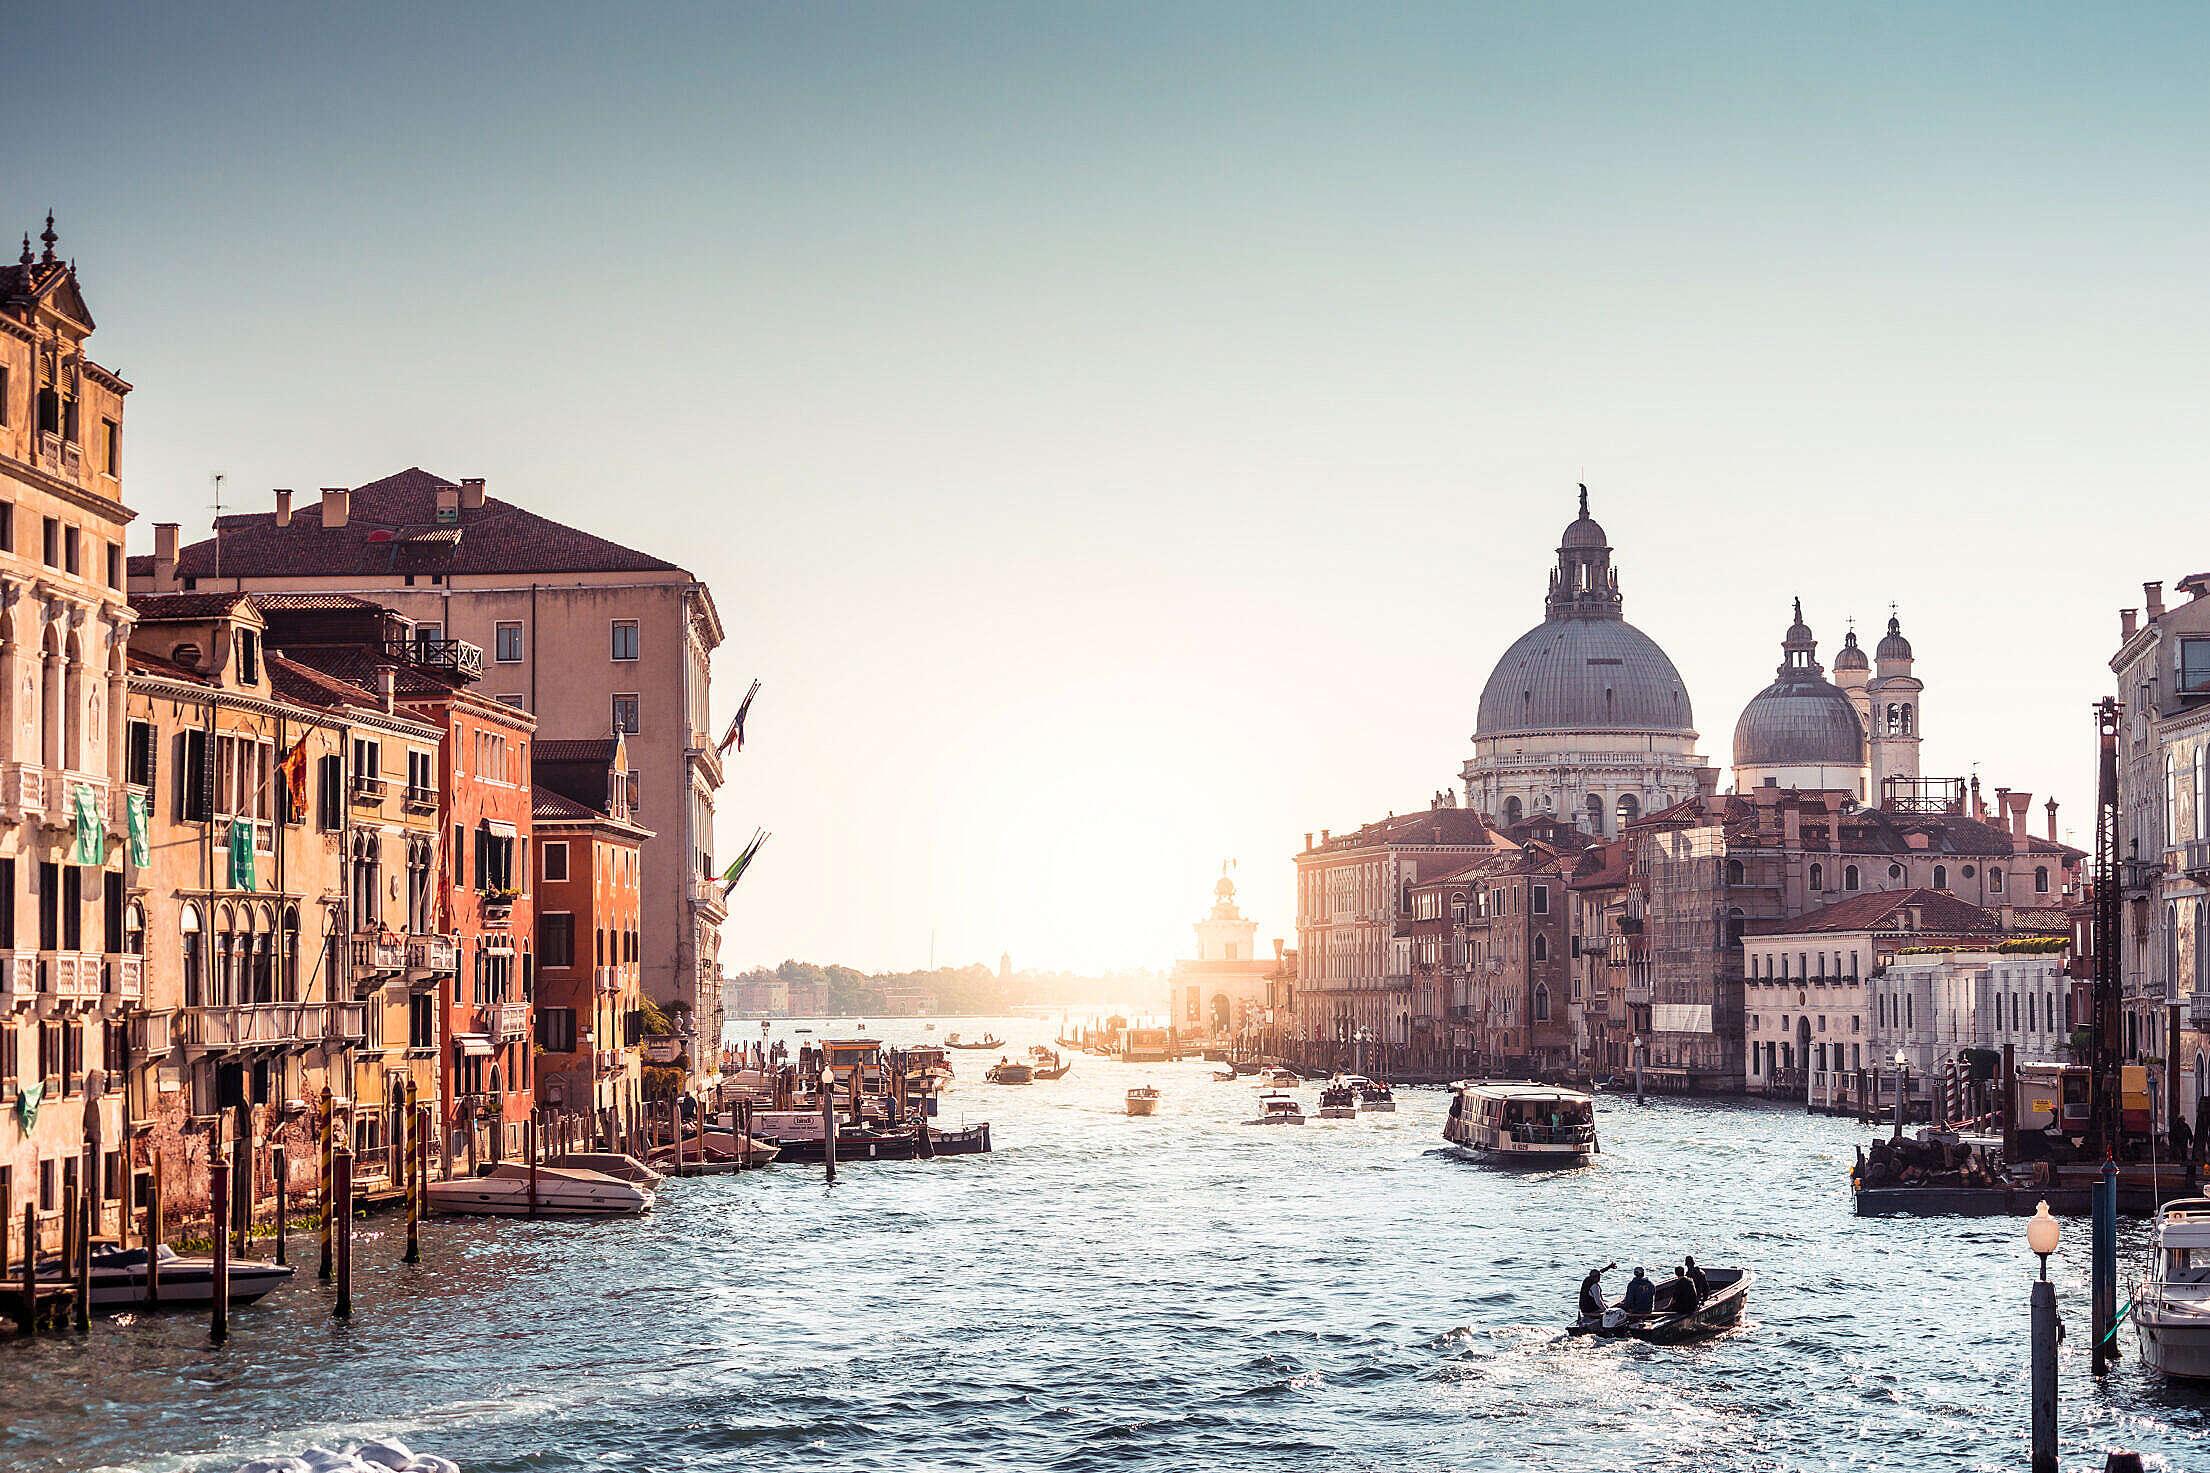 Canal Grande with Basilica di Santa Maria della Salute in Venice, Italy Free Stock Photo